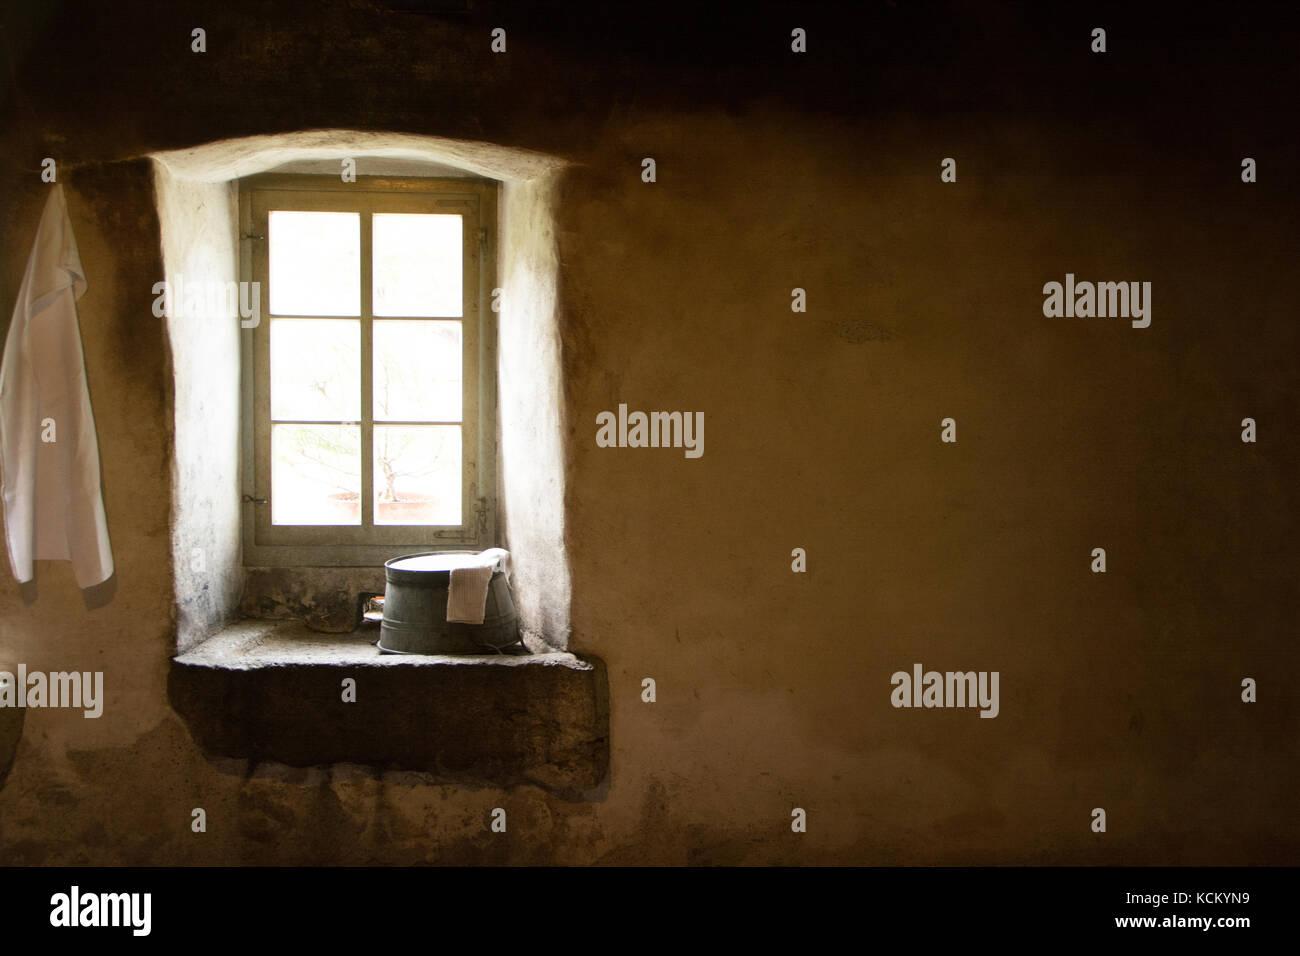 Vintage Waschbecken in einem alten Haus Stockbild